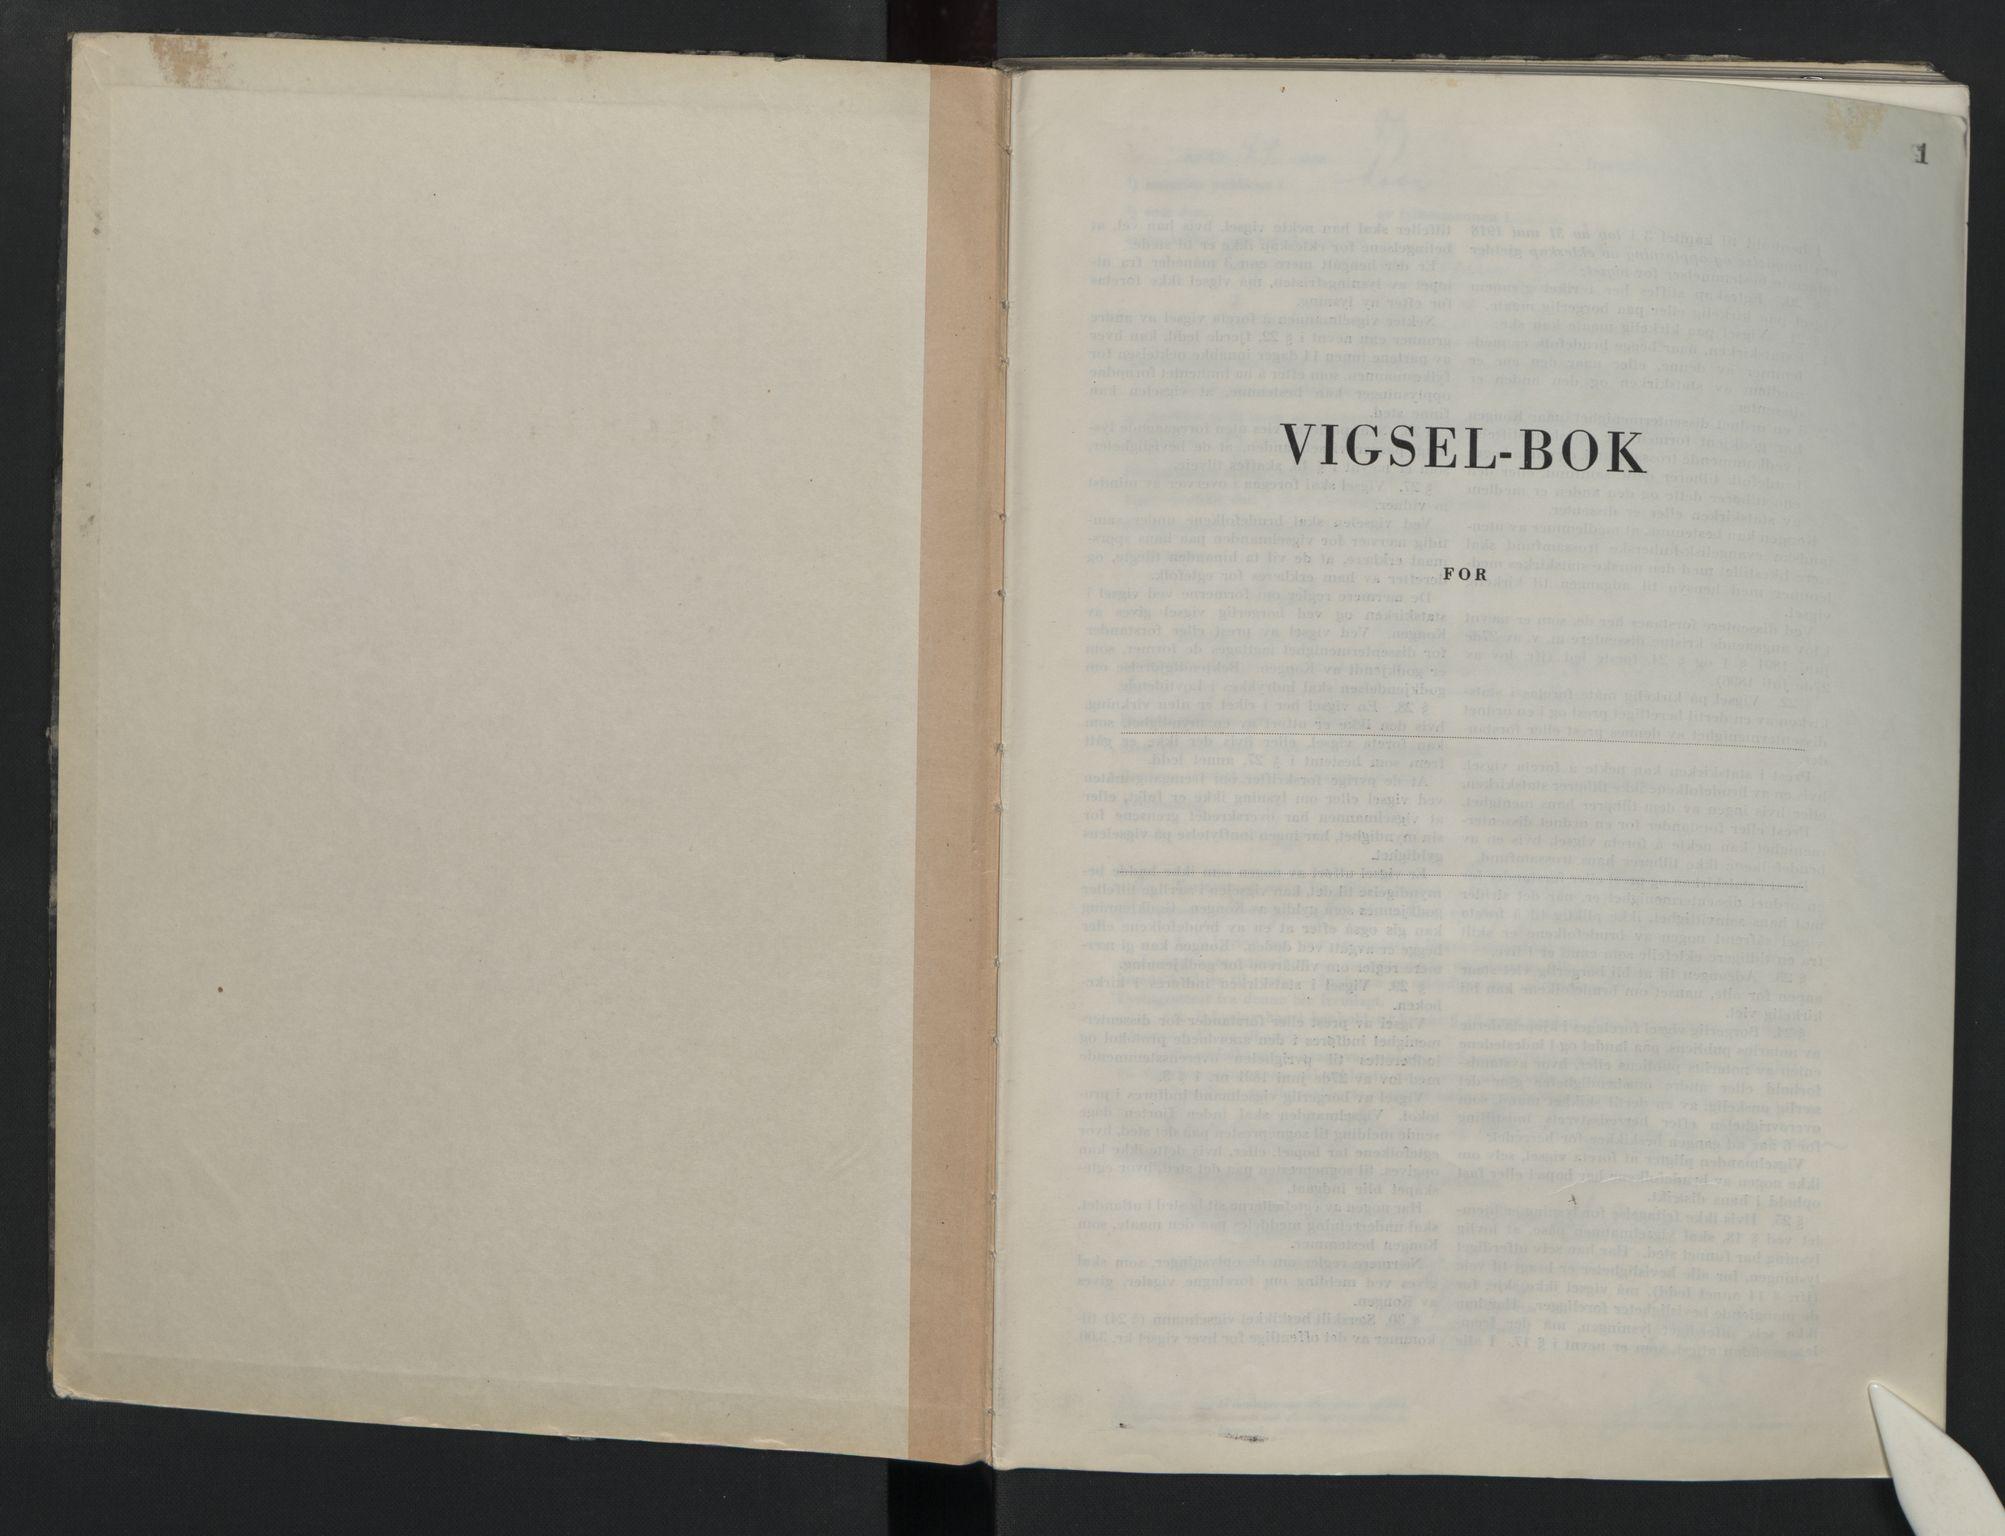 SAO, Moss sorenskriveri, 1944-1945, s. 1